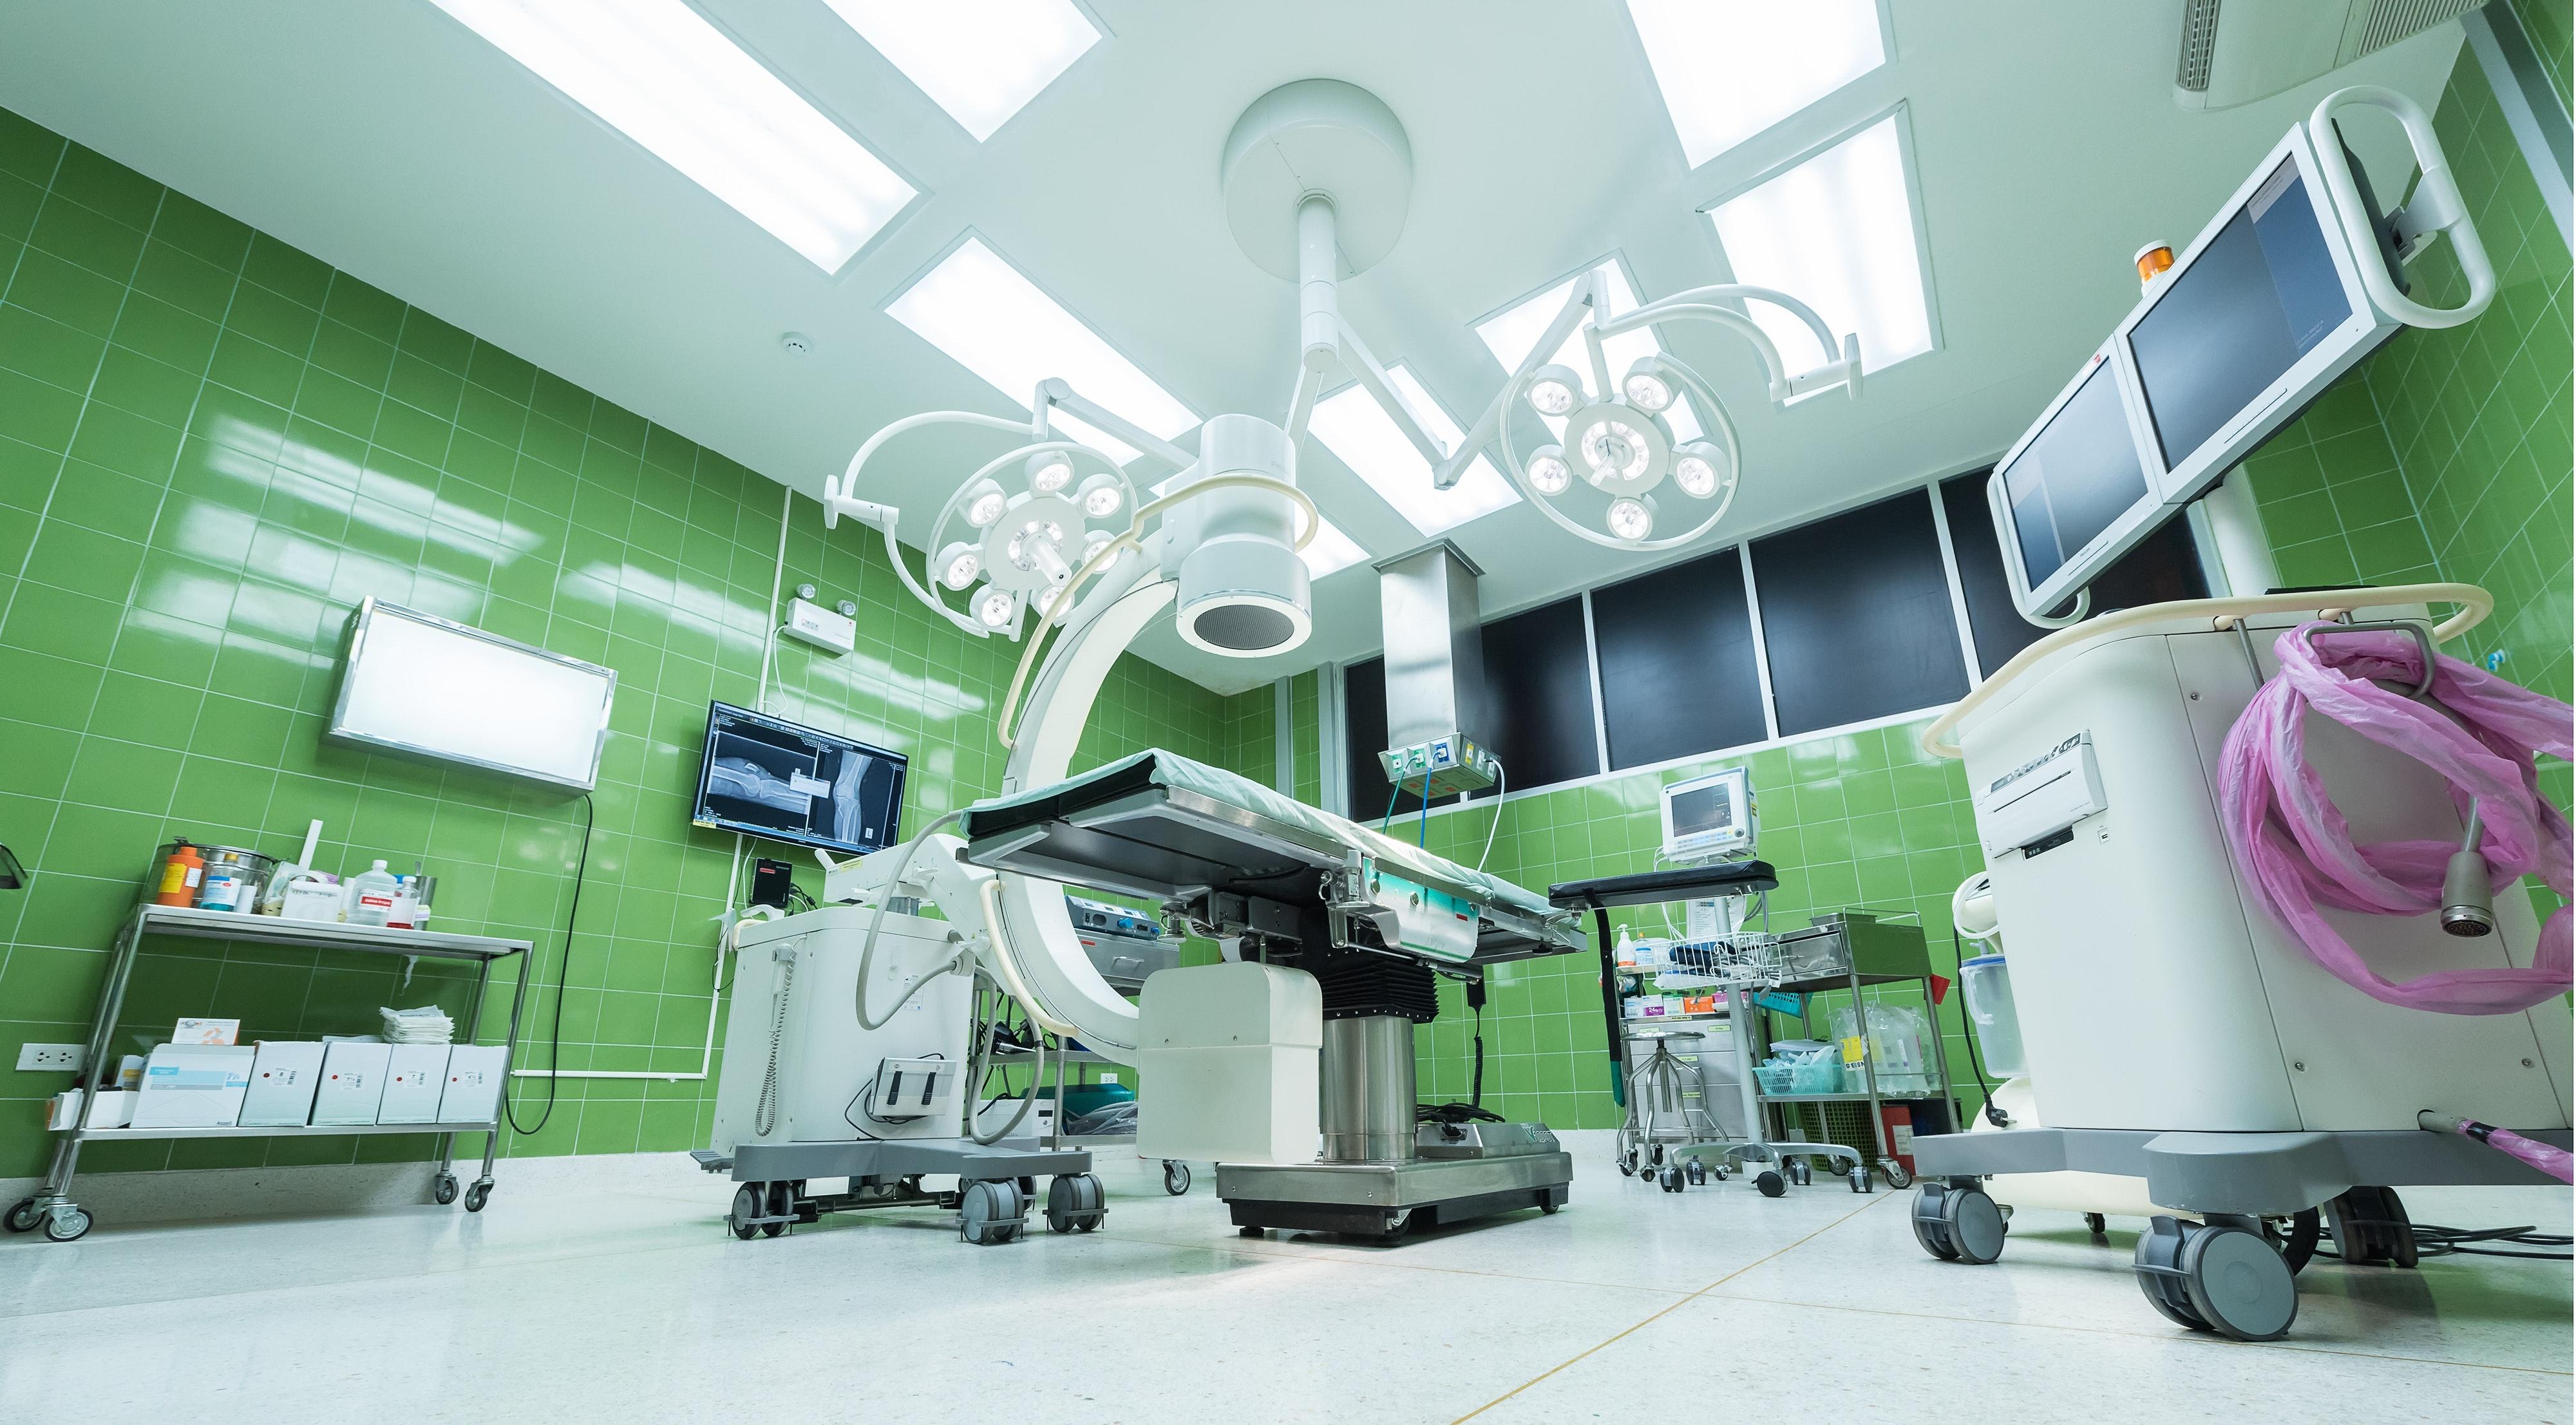 Čisticí prostředky pro nemocnice a pečovatelská zařízení